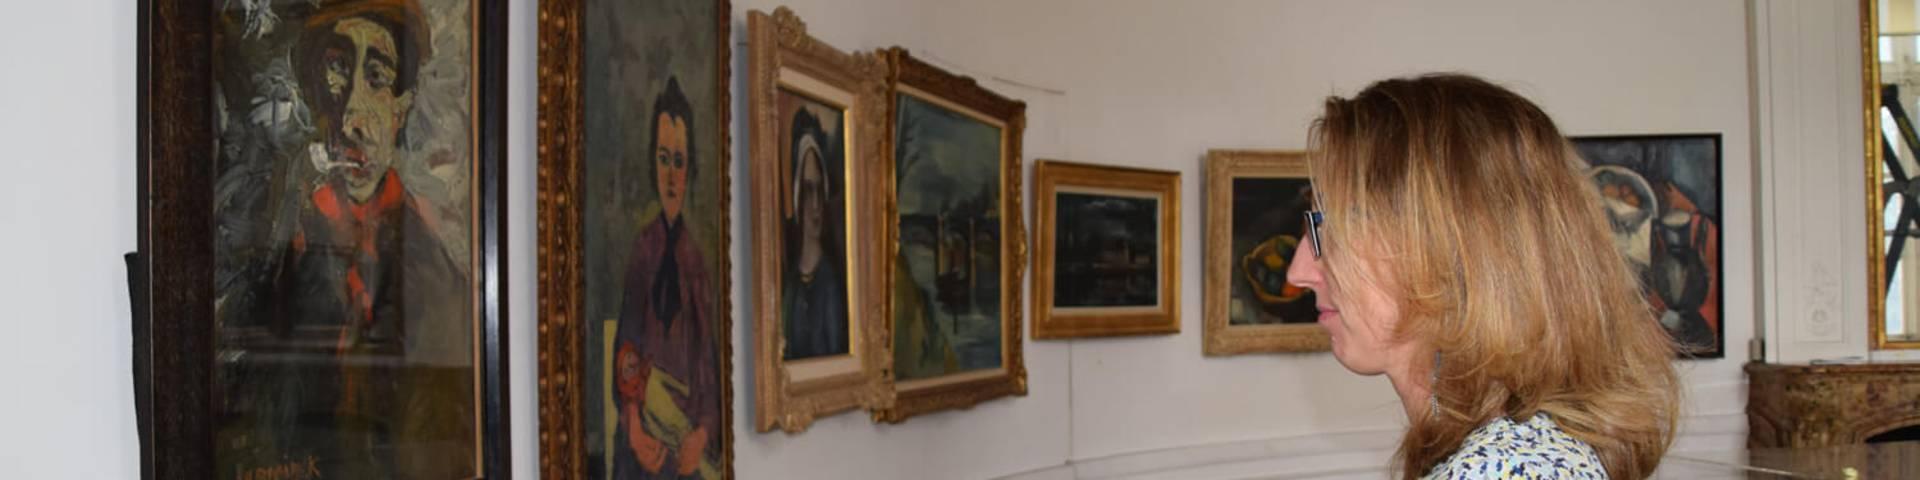 Visite du musée des Beaux-Arts de Chartres